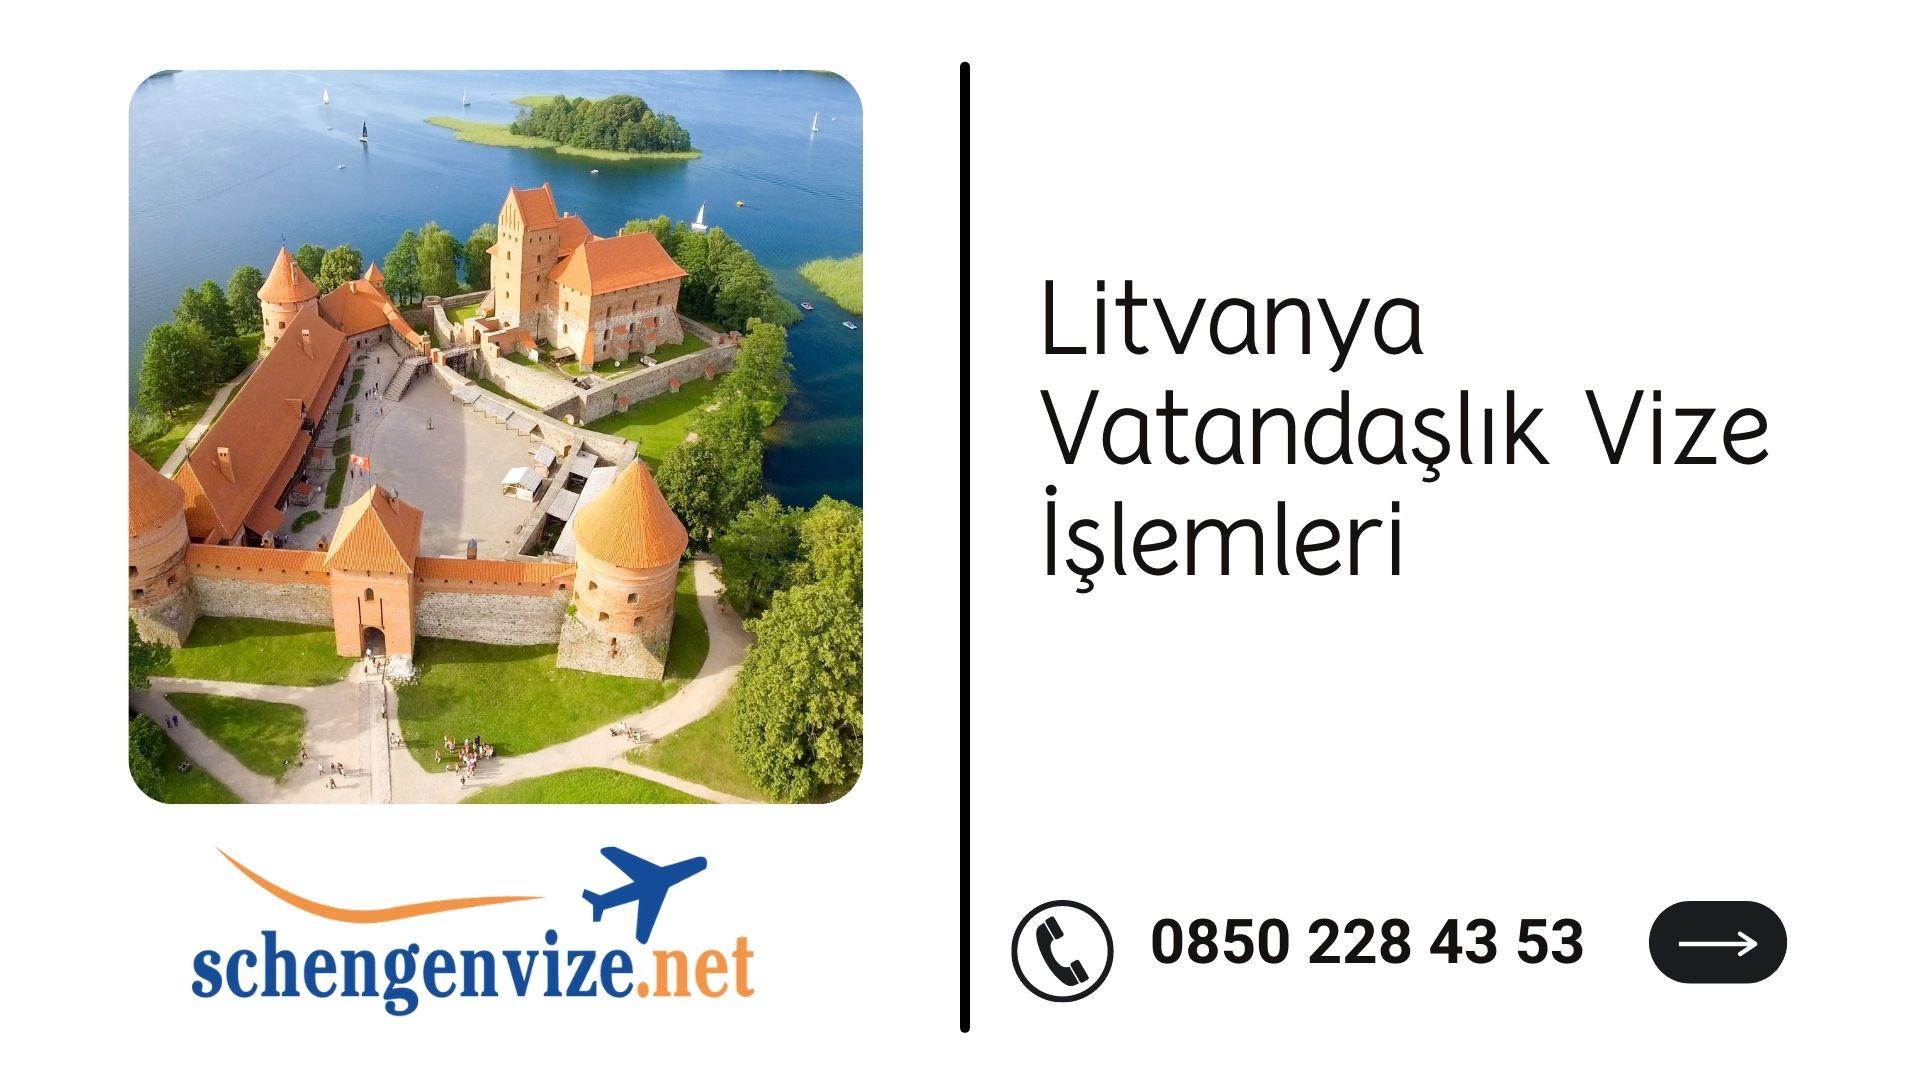 Litvanya Vatandaşlık Vize İşlemleri